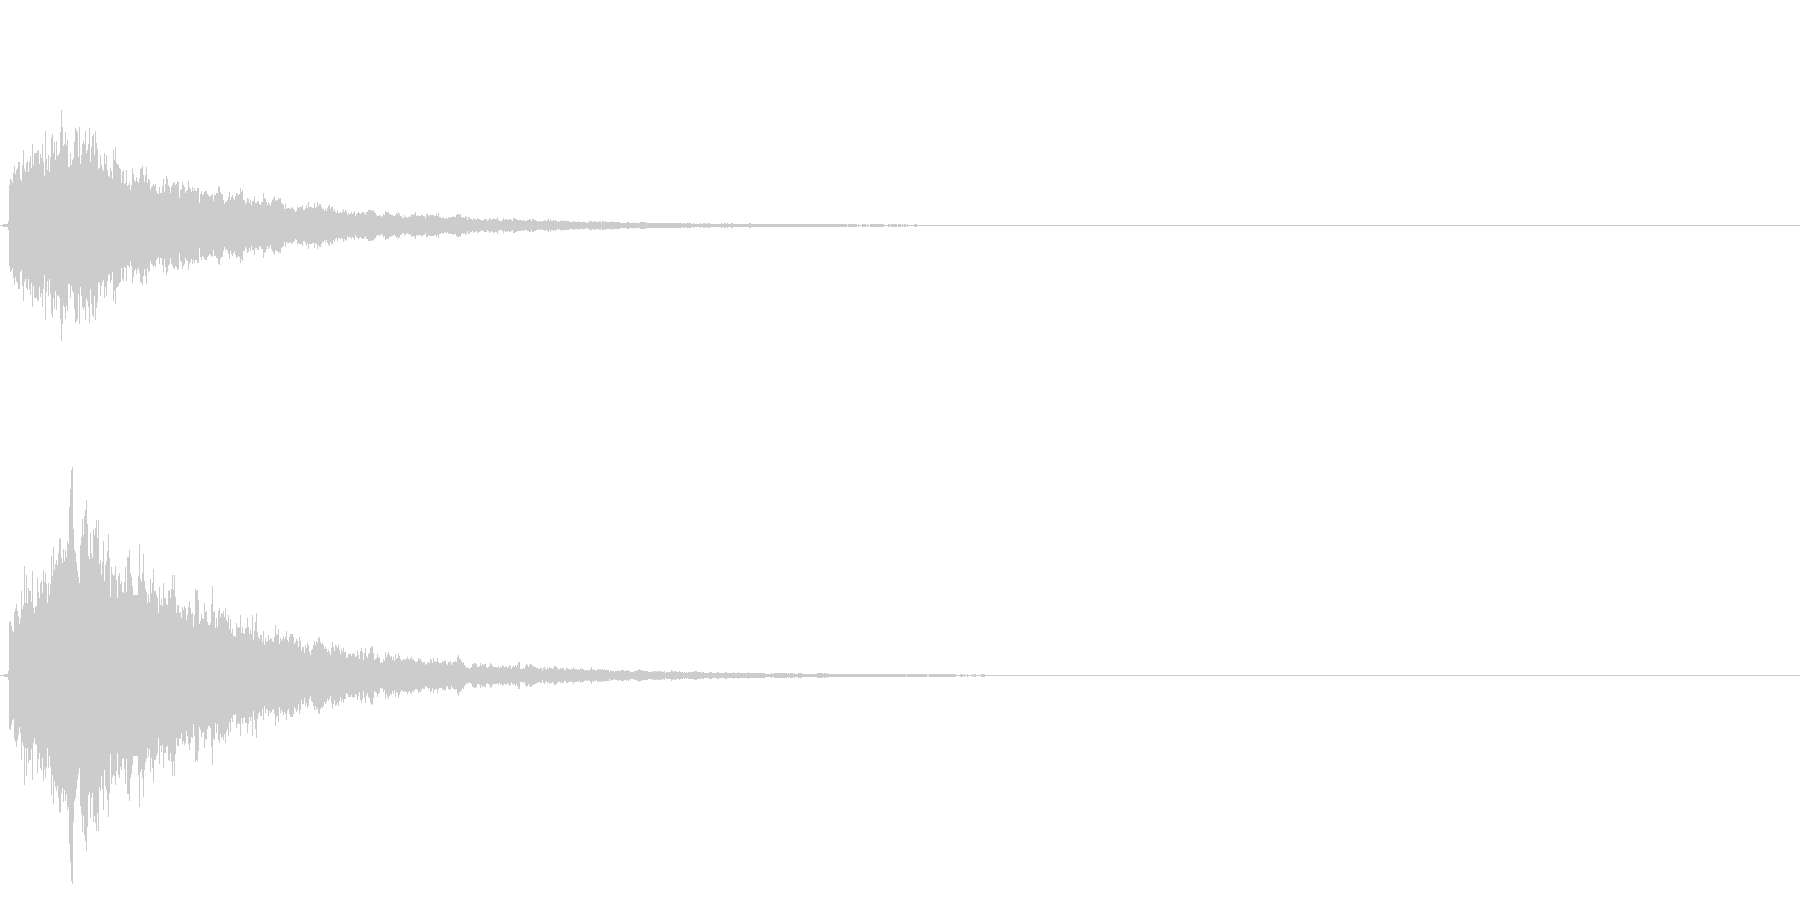 キラーン(決定音やテロップに)の未再生の波形